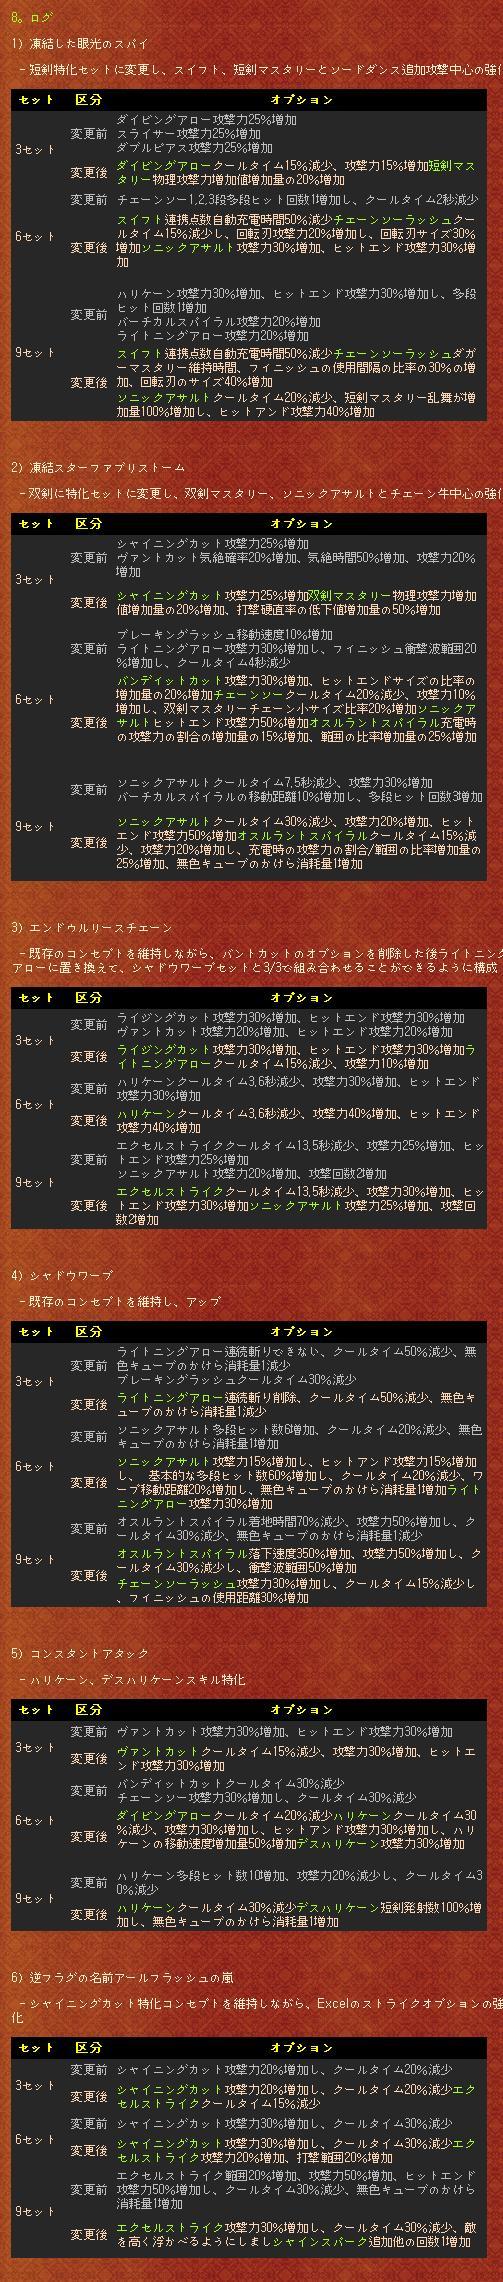 4_20131120003324aea.jpg